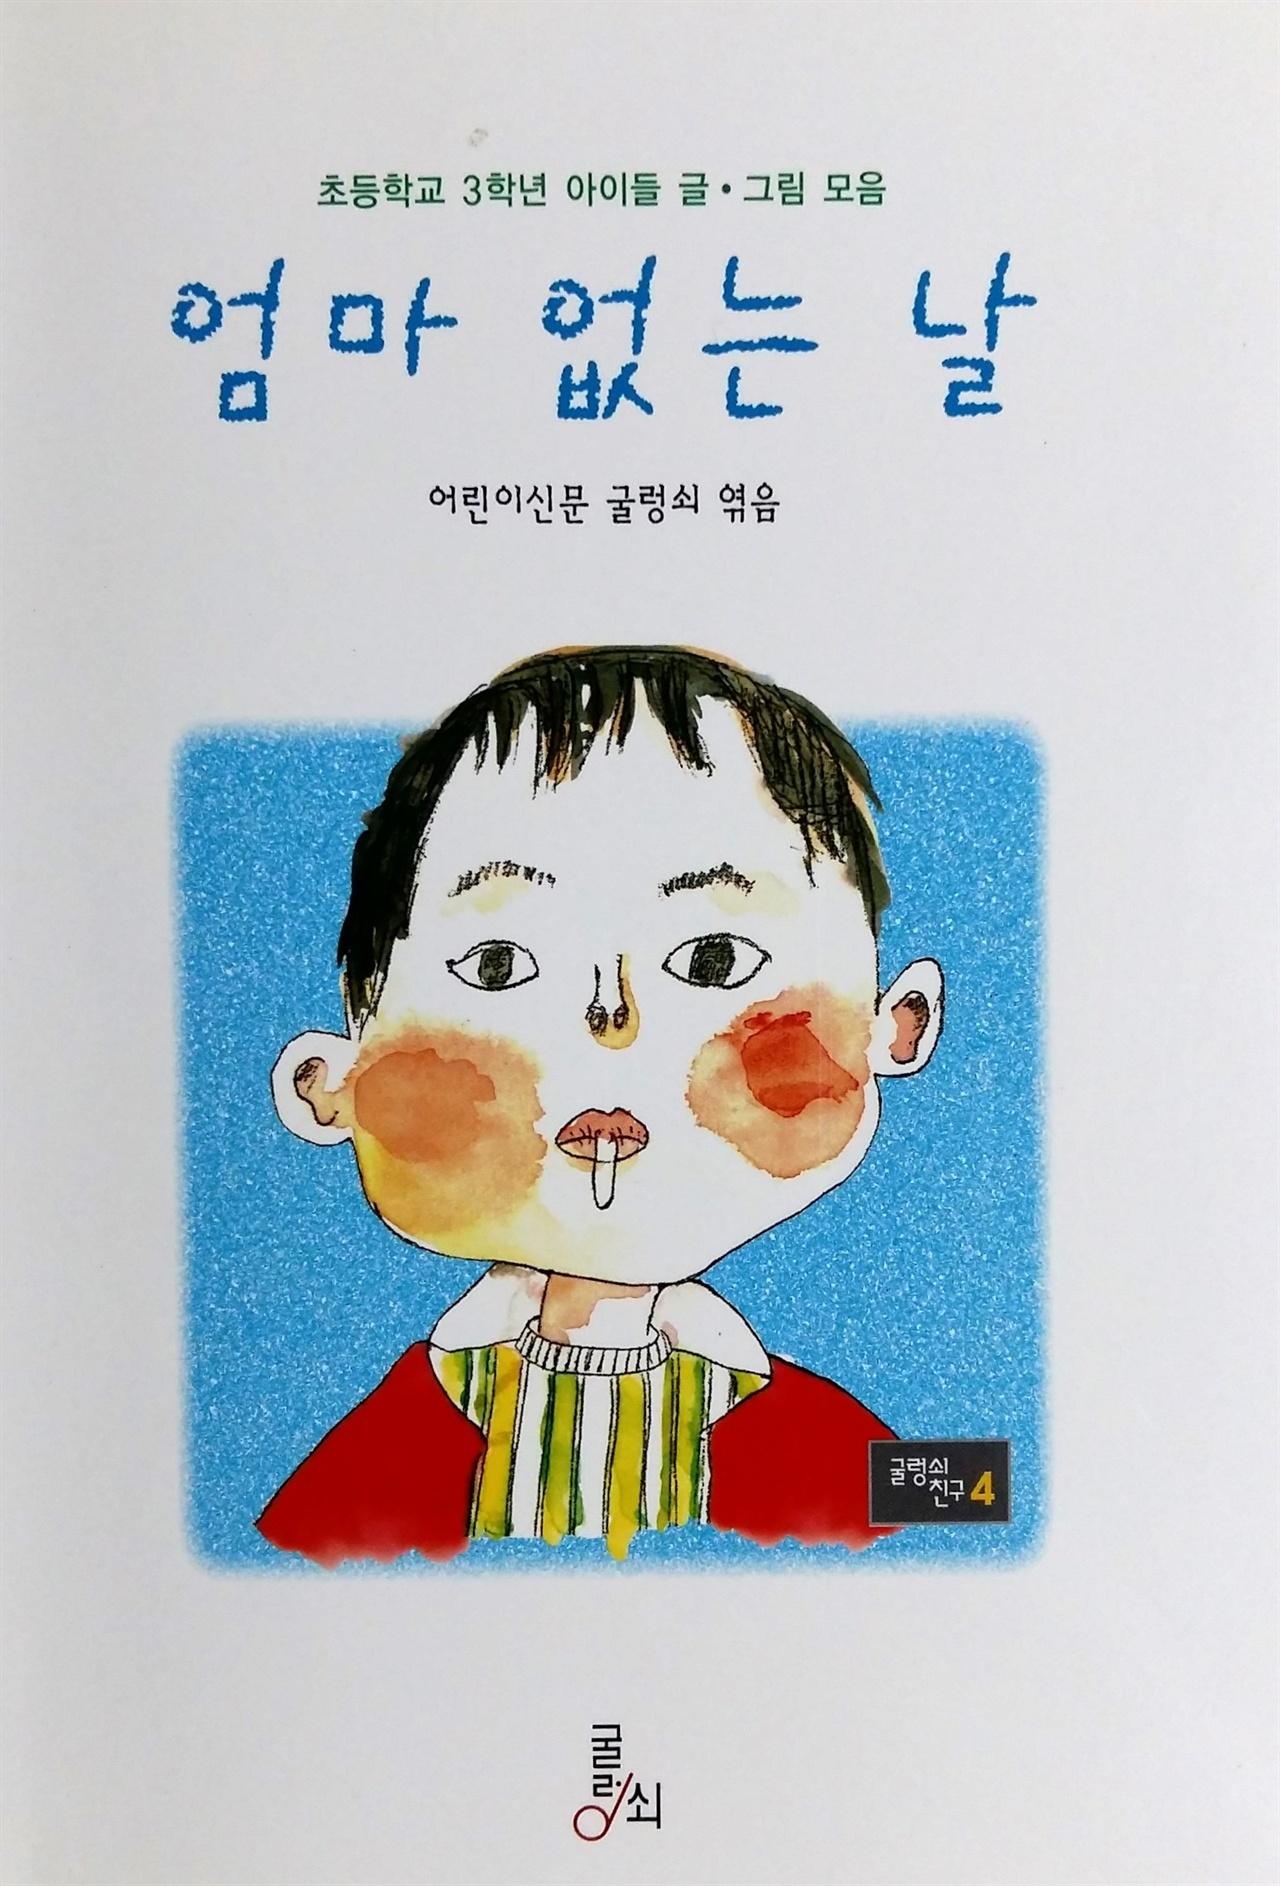 어린이 글·그림 모음 《엄마 없는 날》 강승주(경남 창원 남산 초등학교 3학년)의 〈매미〉는 초등학교 3학년 어린이 글·그림 모음 《엄마 없는 날》(어린이신문 굴렁쇠 엮음, 굴렁쇠, 2007)에서 가져왔다.